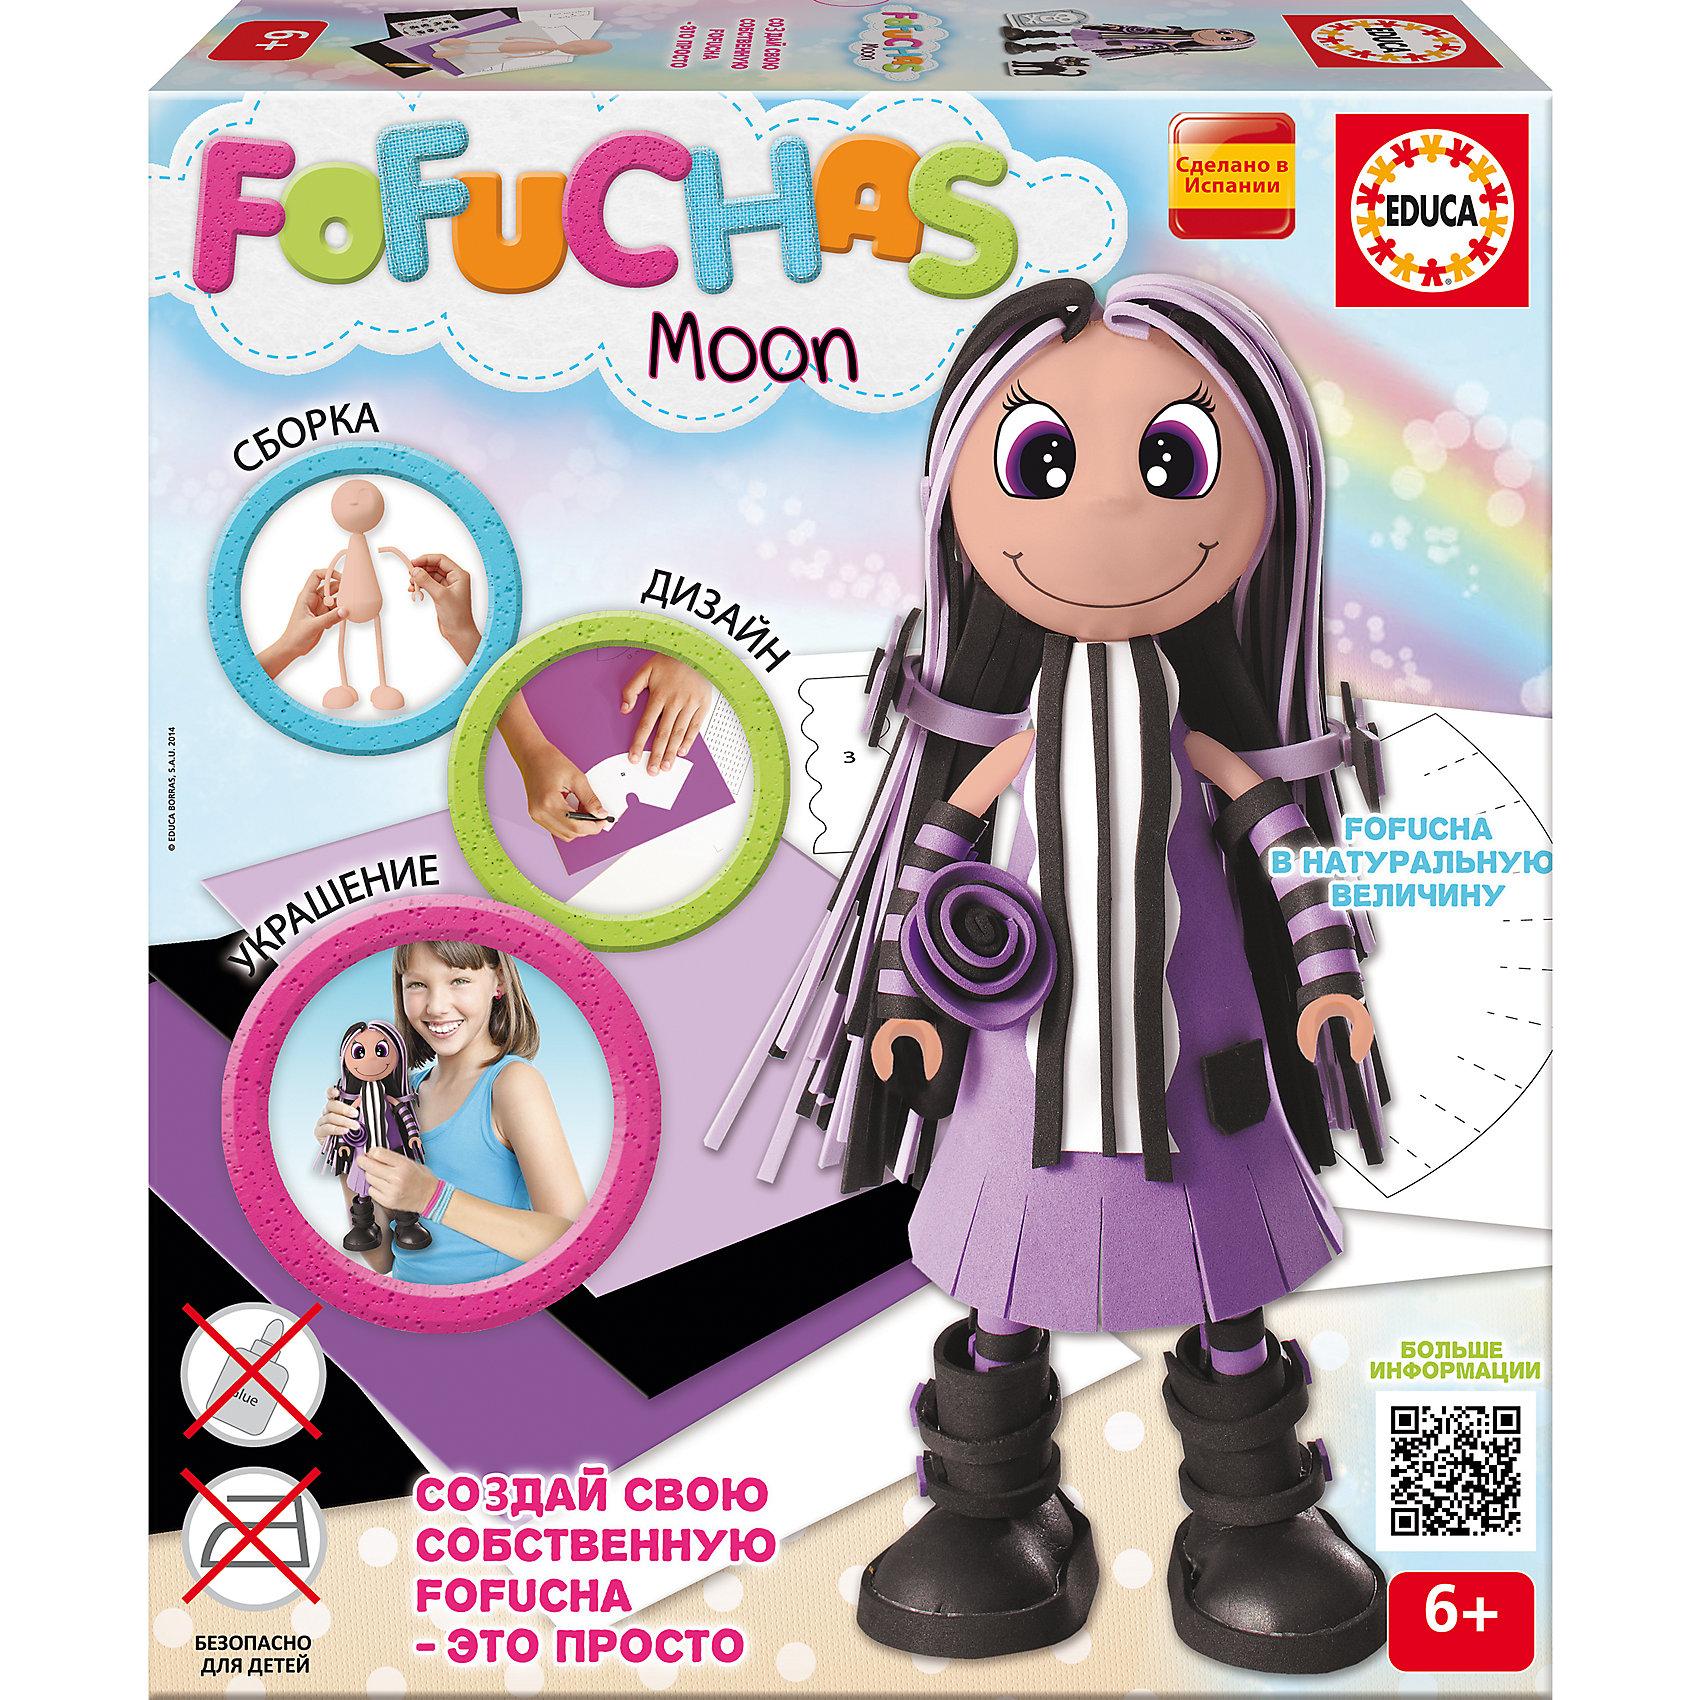 Фофуча Мун - набор для творчества в виде куклыРукоделие<br><br><br>Ширина мм: 335<br>Глубина мм: 72<br>Высота мм: 295<br>Вес г: 650<br>Возраст от месяцев: 72<br>Возраст до месяцев: 108<br>Пол: Унисекс<br>Возраст: Детский<br>SKU: 5075336